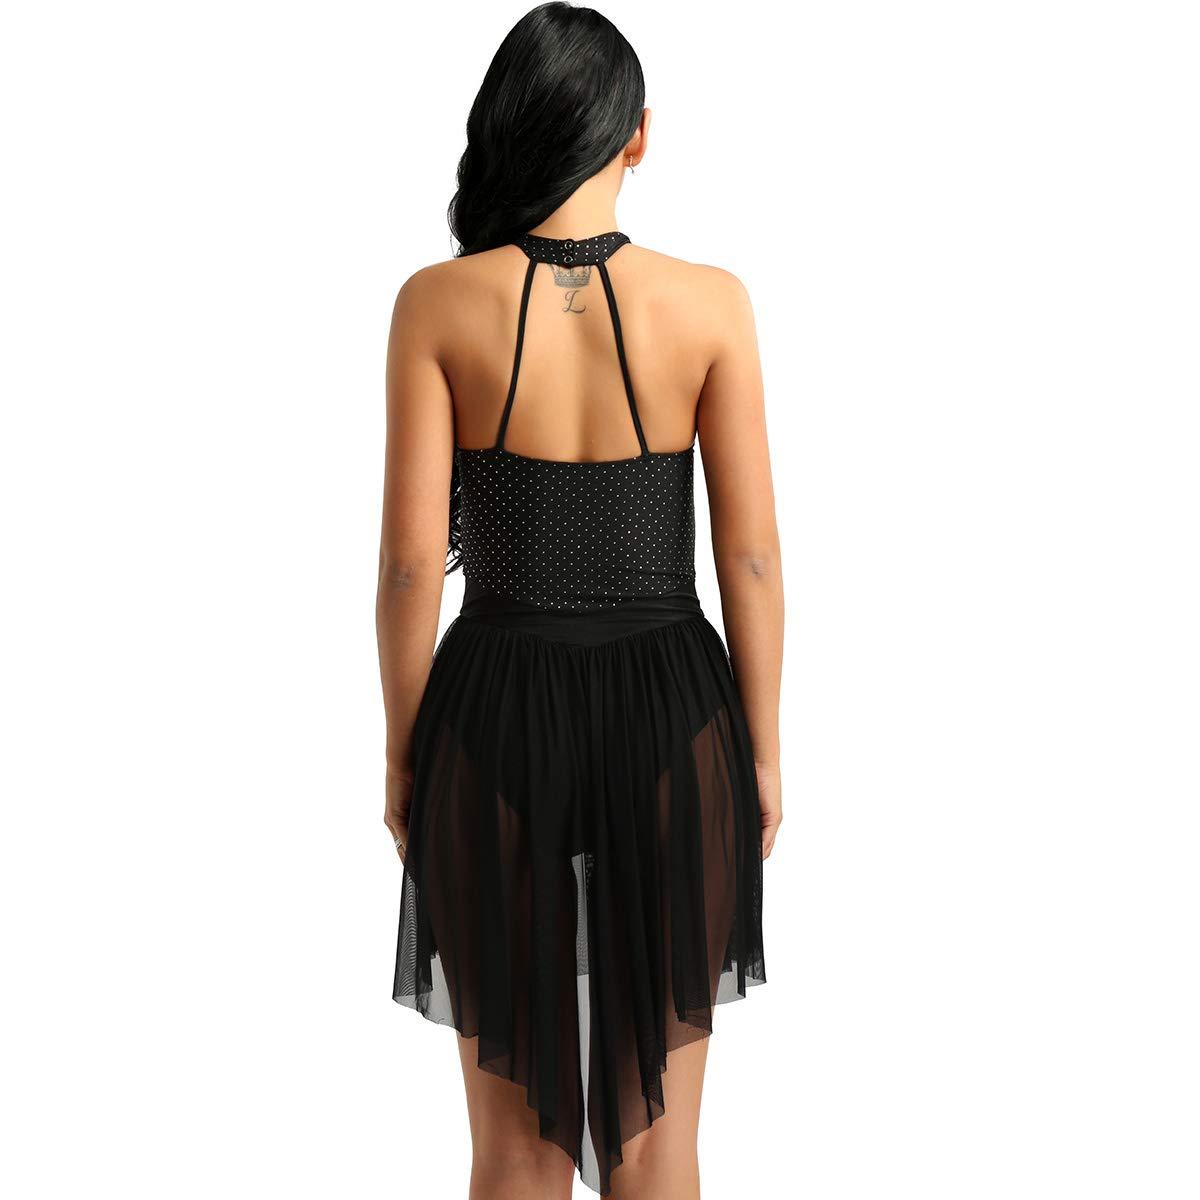 inhzoy Maillot Vestido de Ballet Danza Lunares Brillantes Vestido de Patinaje Art/ístico Cuello Halter Sin Respalda Bodysuit de Baile Cl/ásico para Mujer